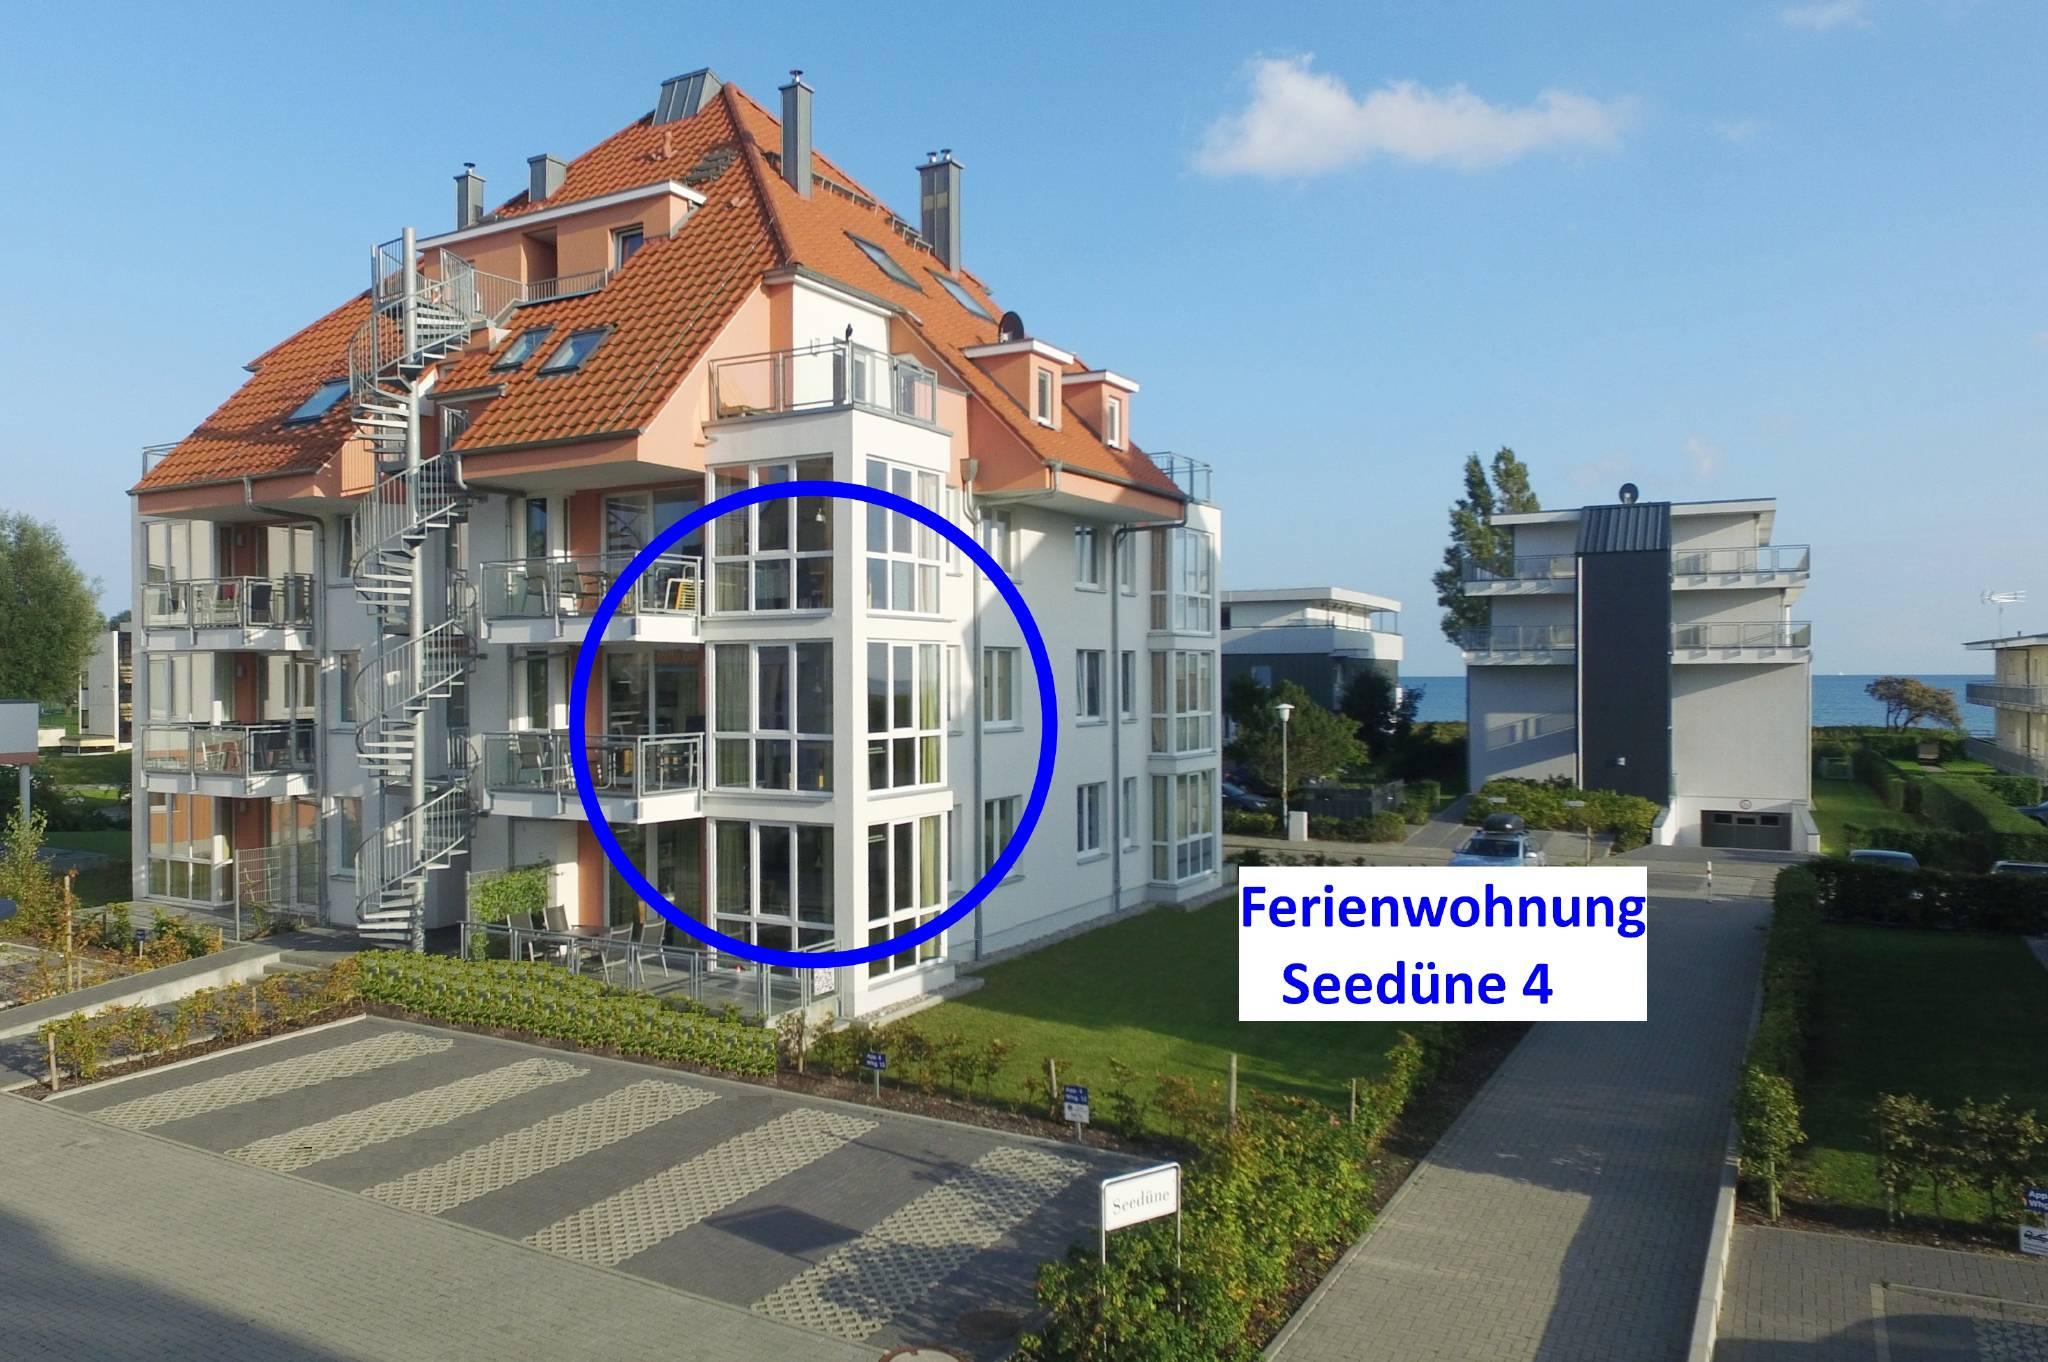 Wohnung Seedüne 4 (1. Obergeschoss)